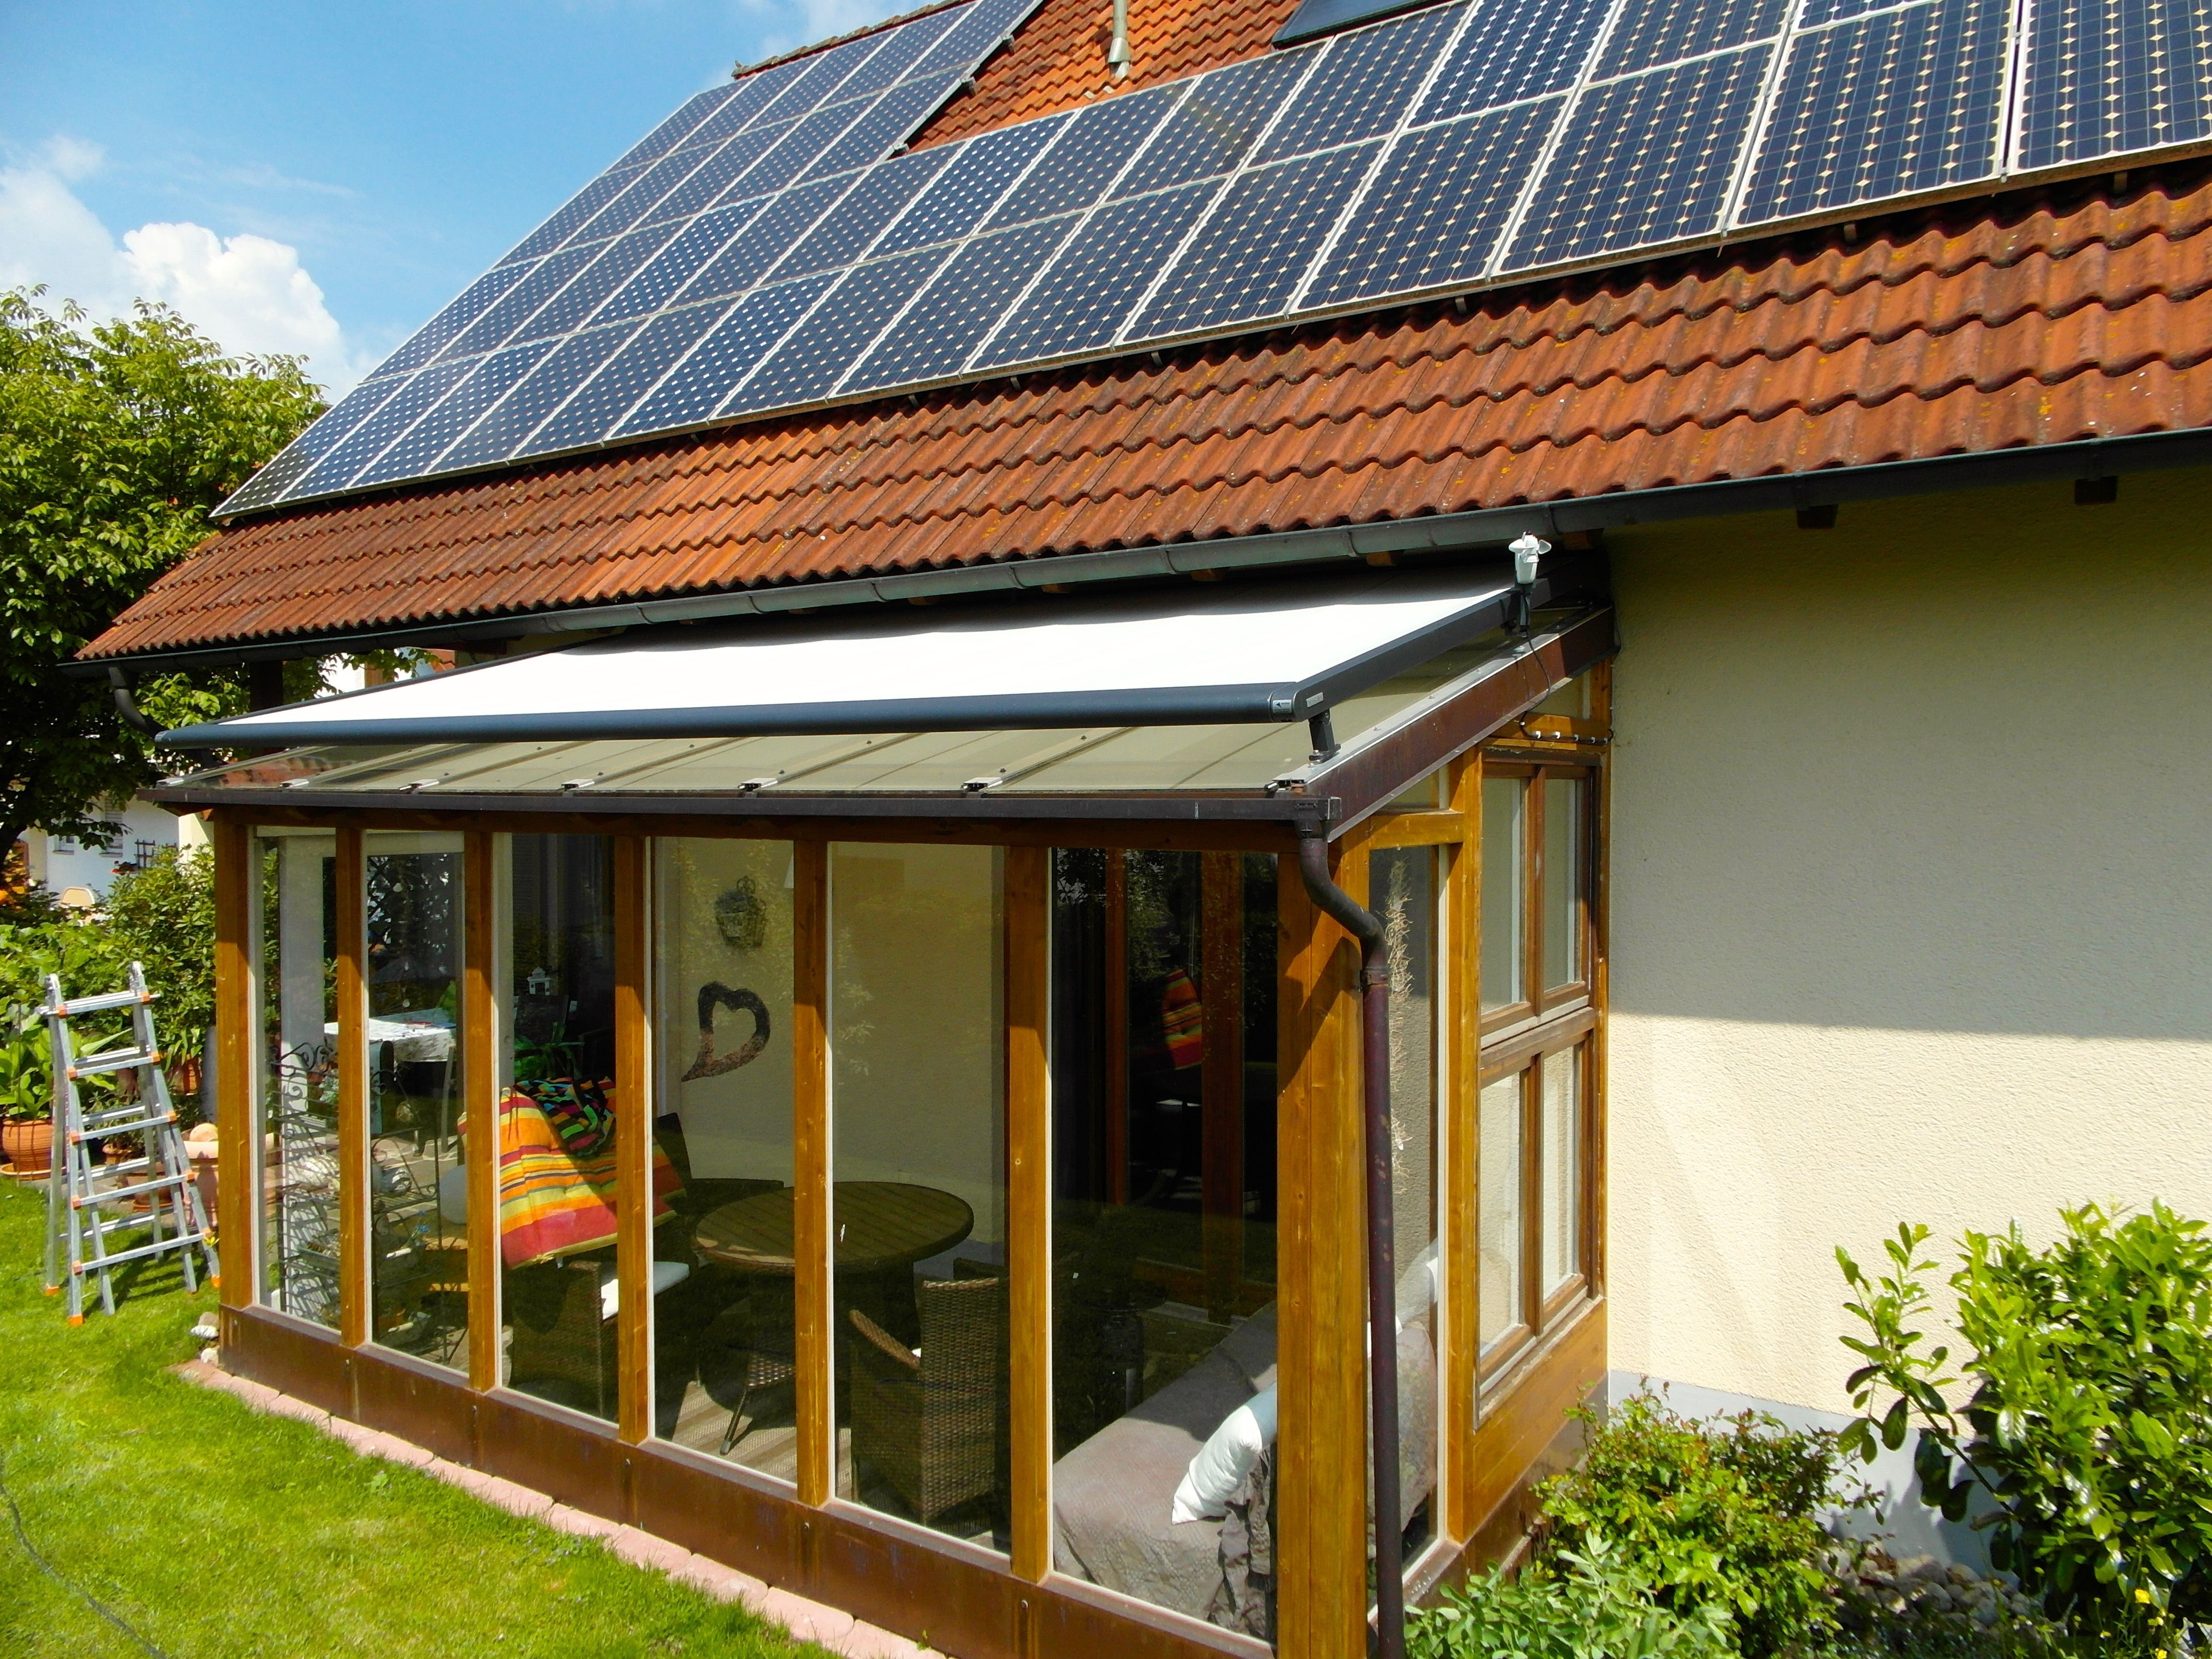 Wintergarten Und Unterglasmarkisen Outdoor Decor Outdoor Home Decor